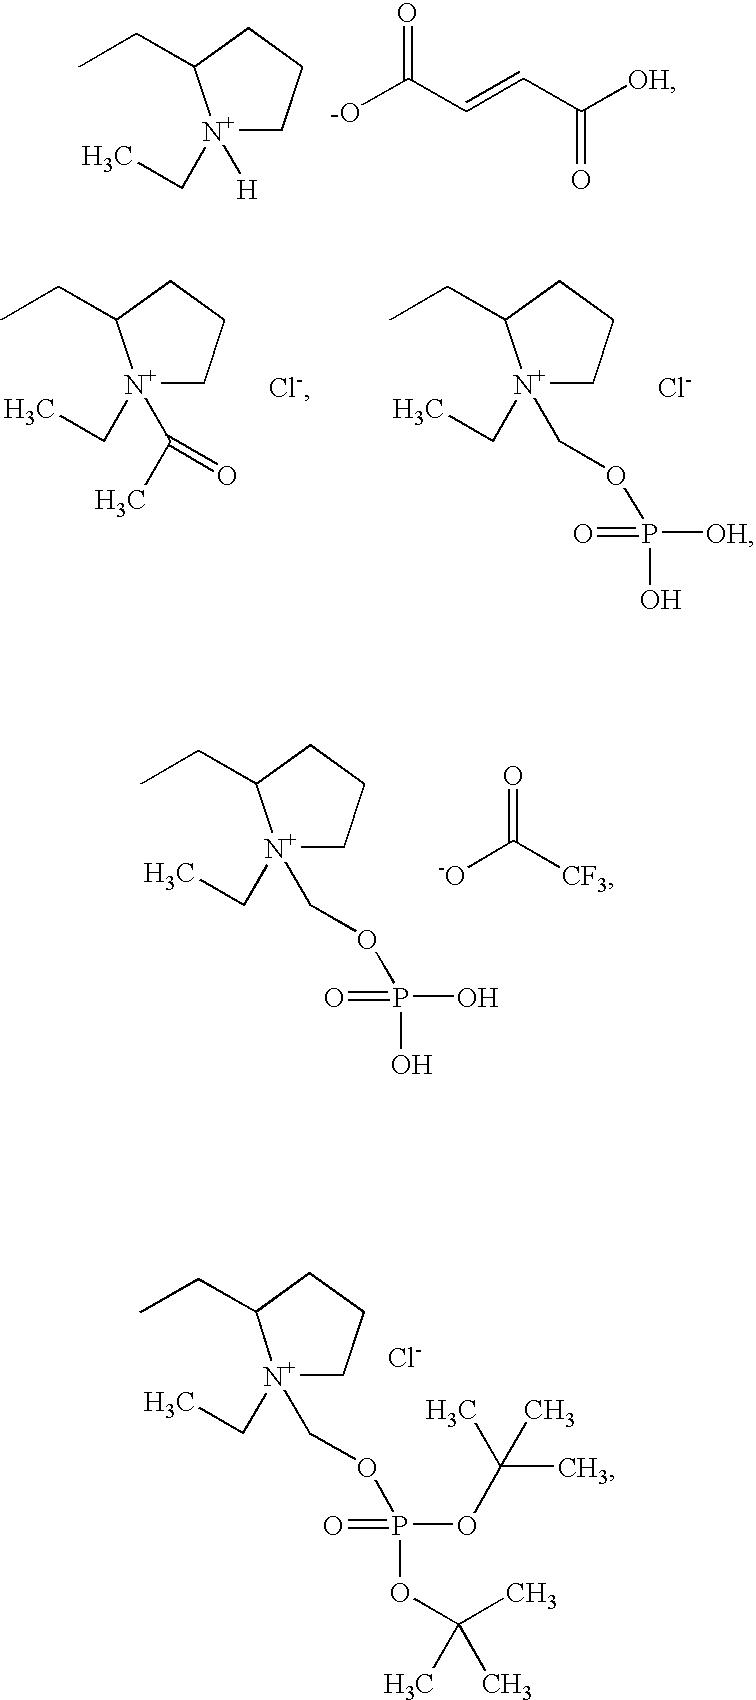 Figure US07112587-20060926-C00105